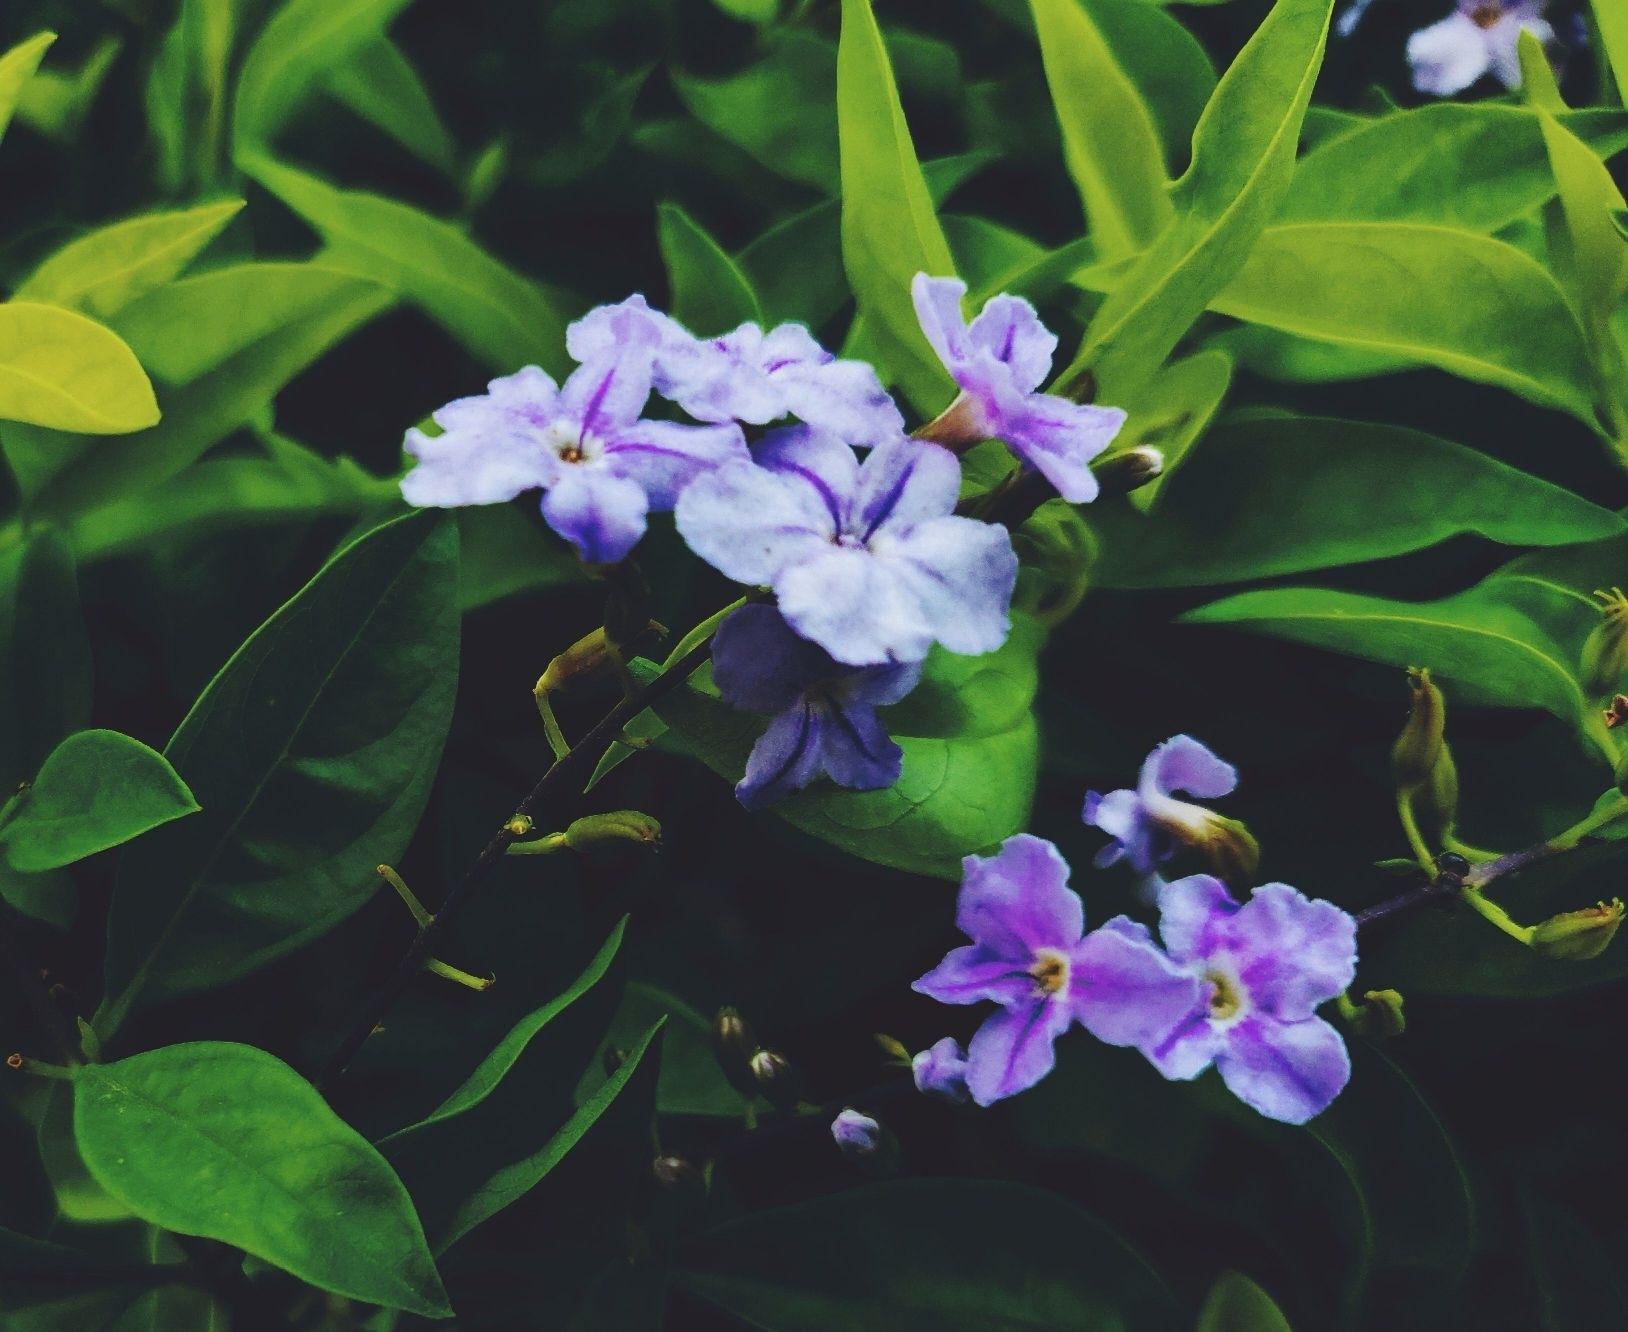 violet flowers by Nitesh Mishra